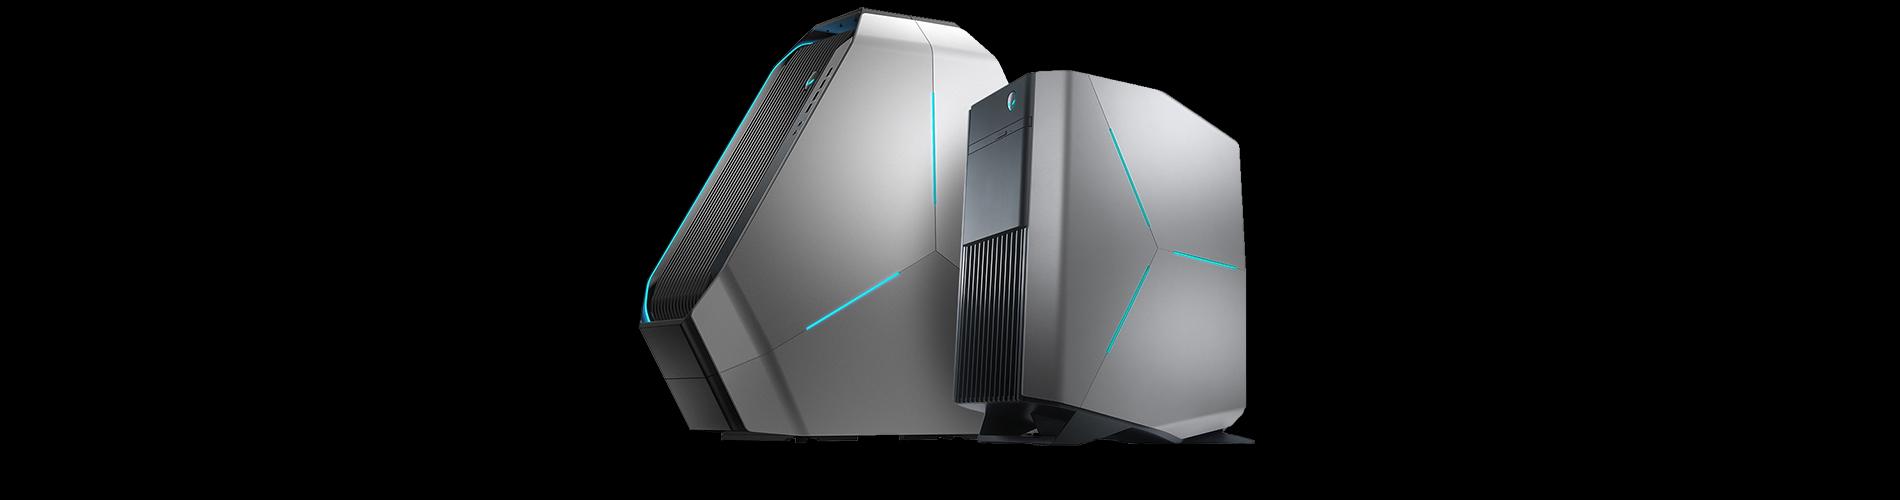 Alienware Desktops Tile6